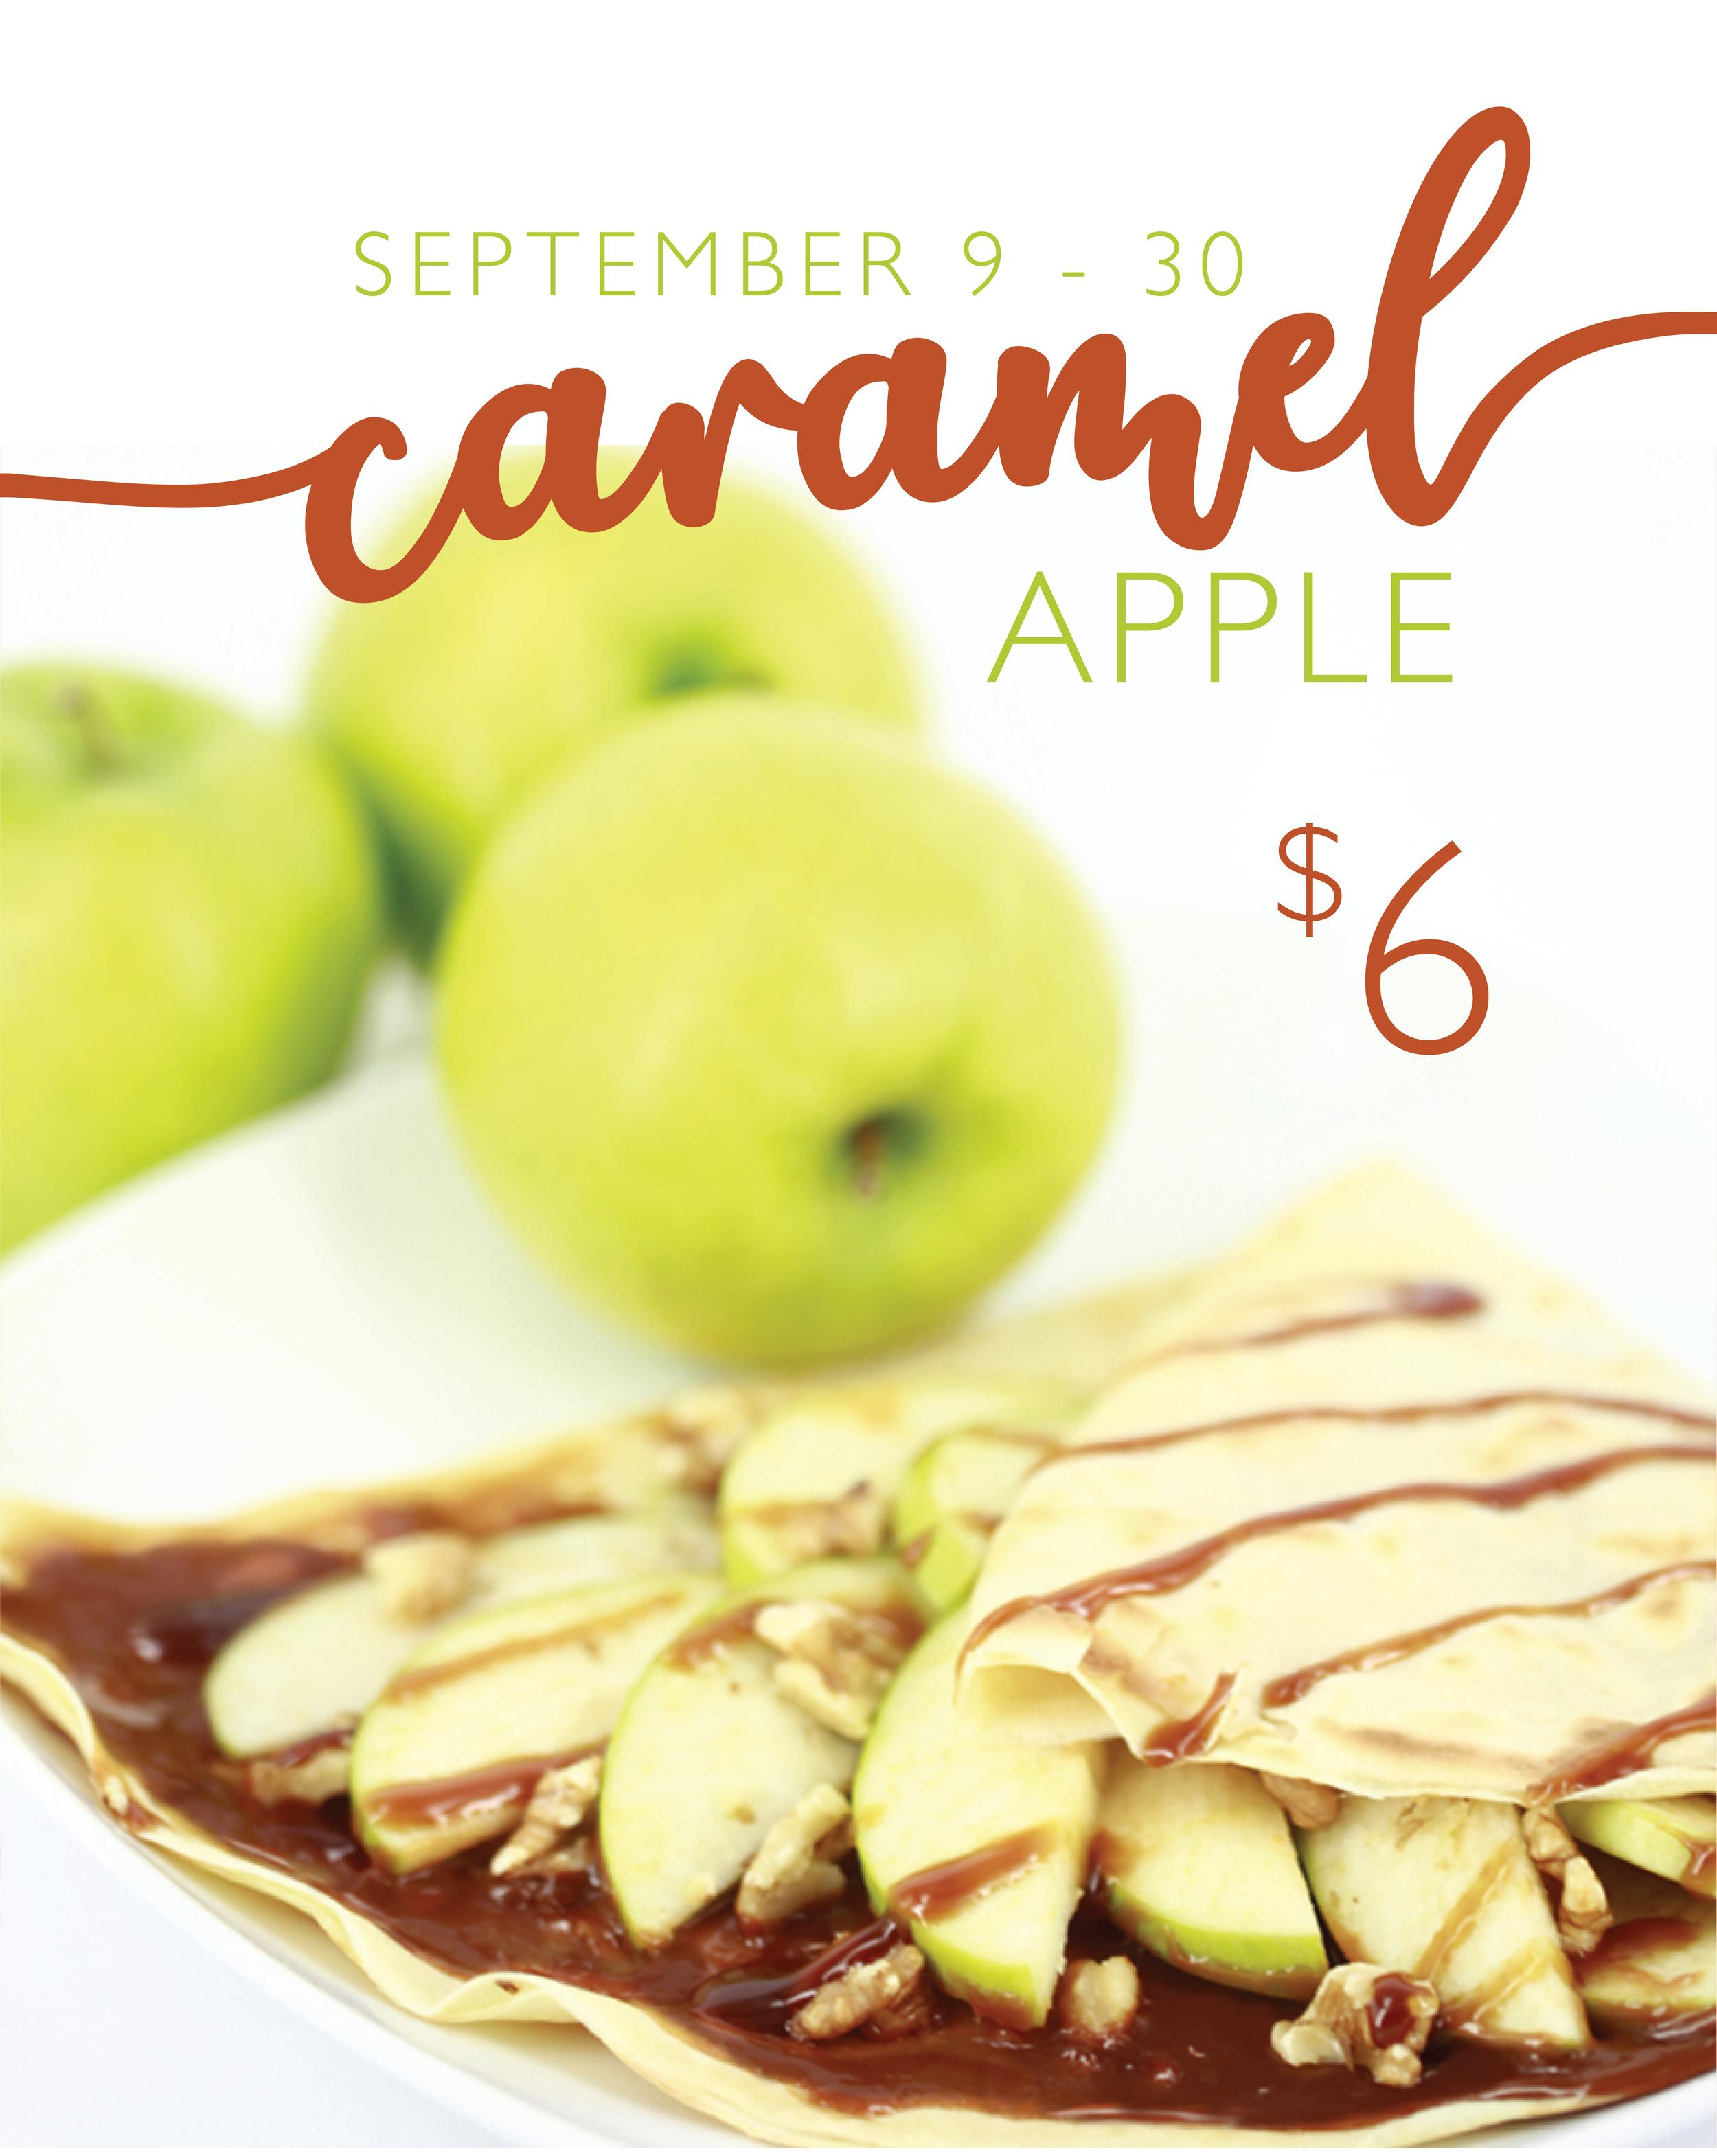 Caramel Apple - IG.png